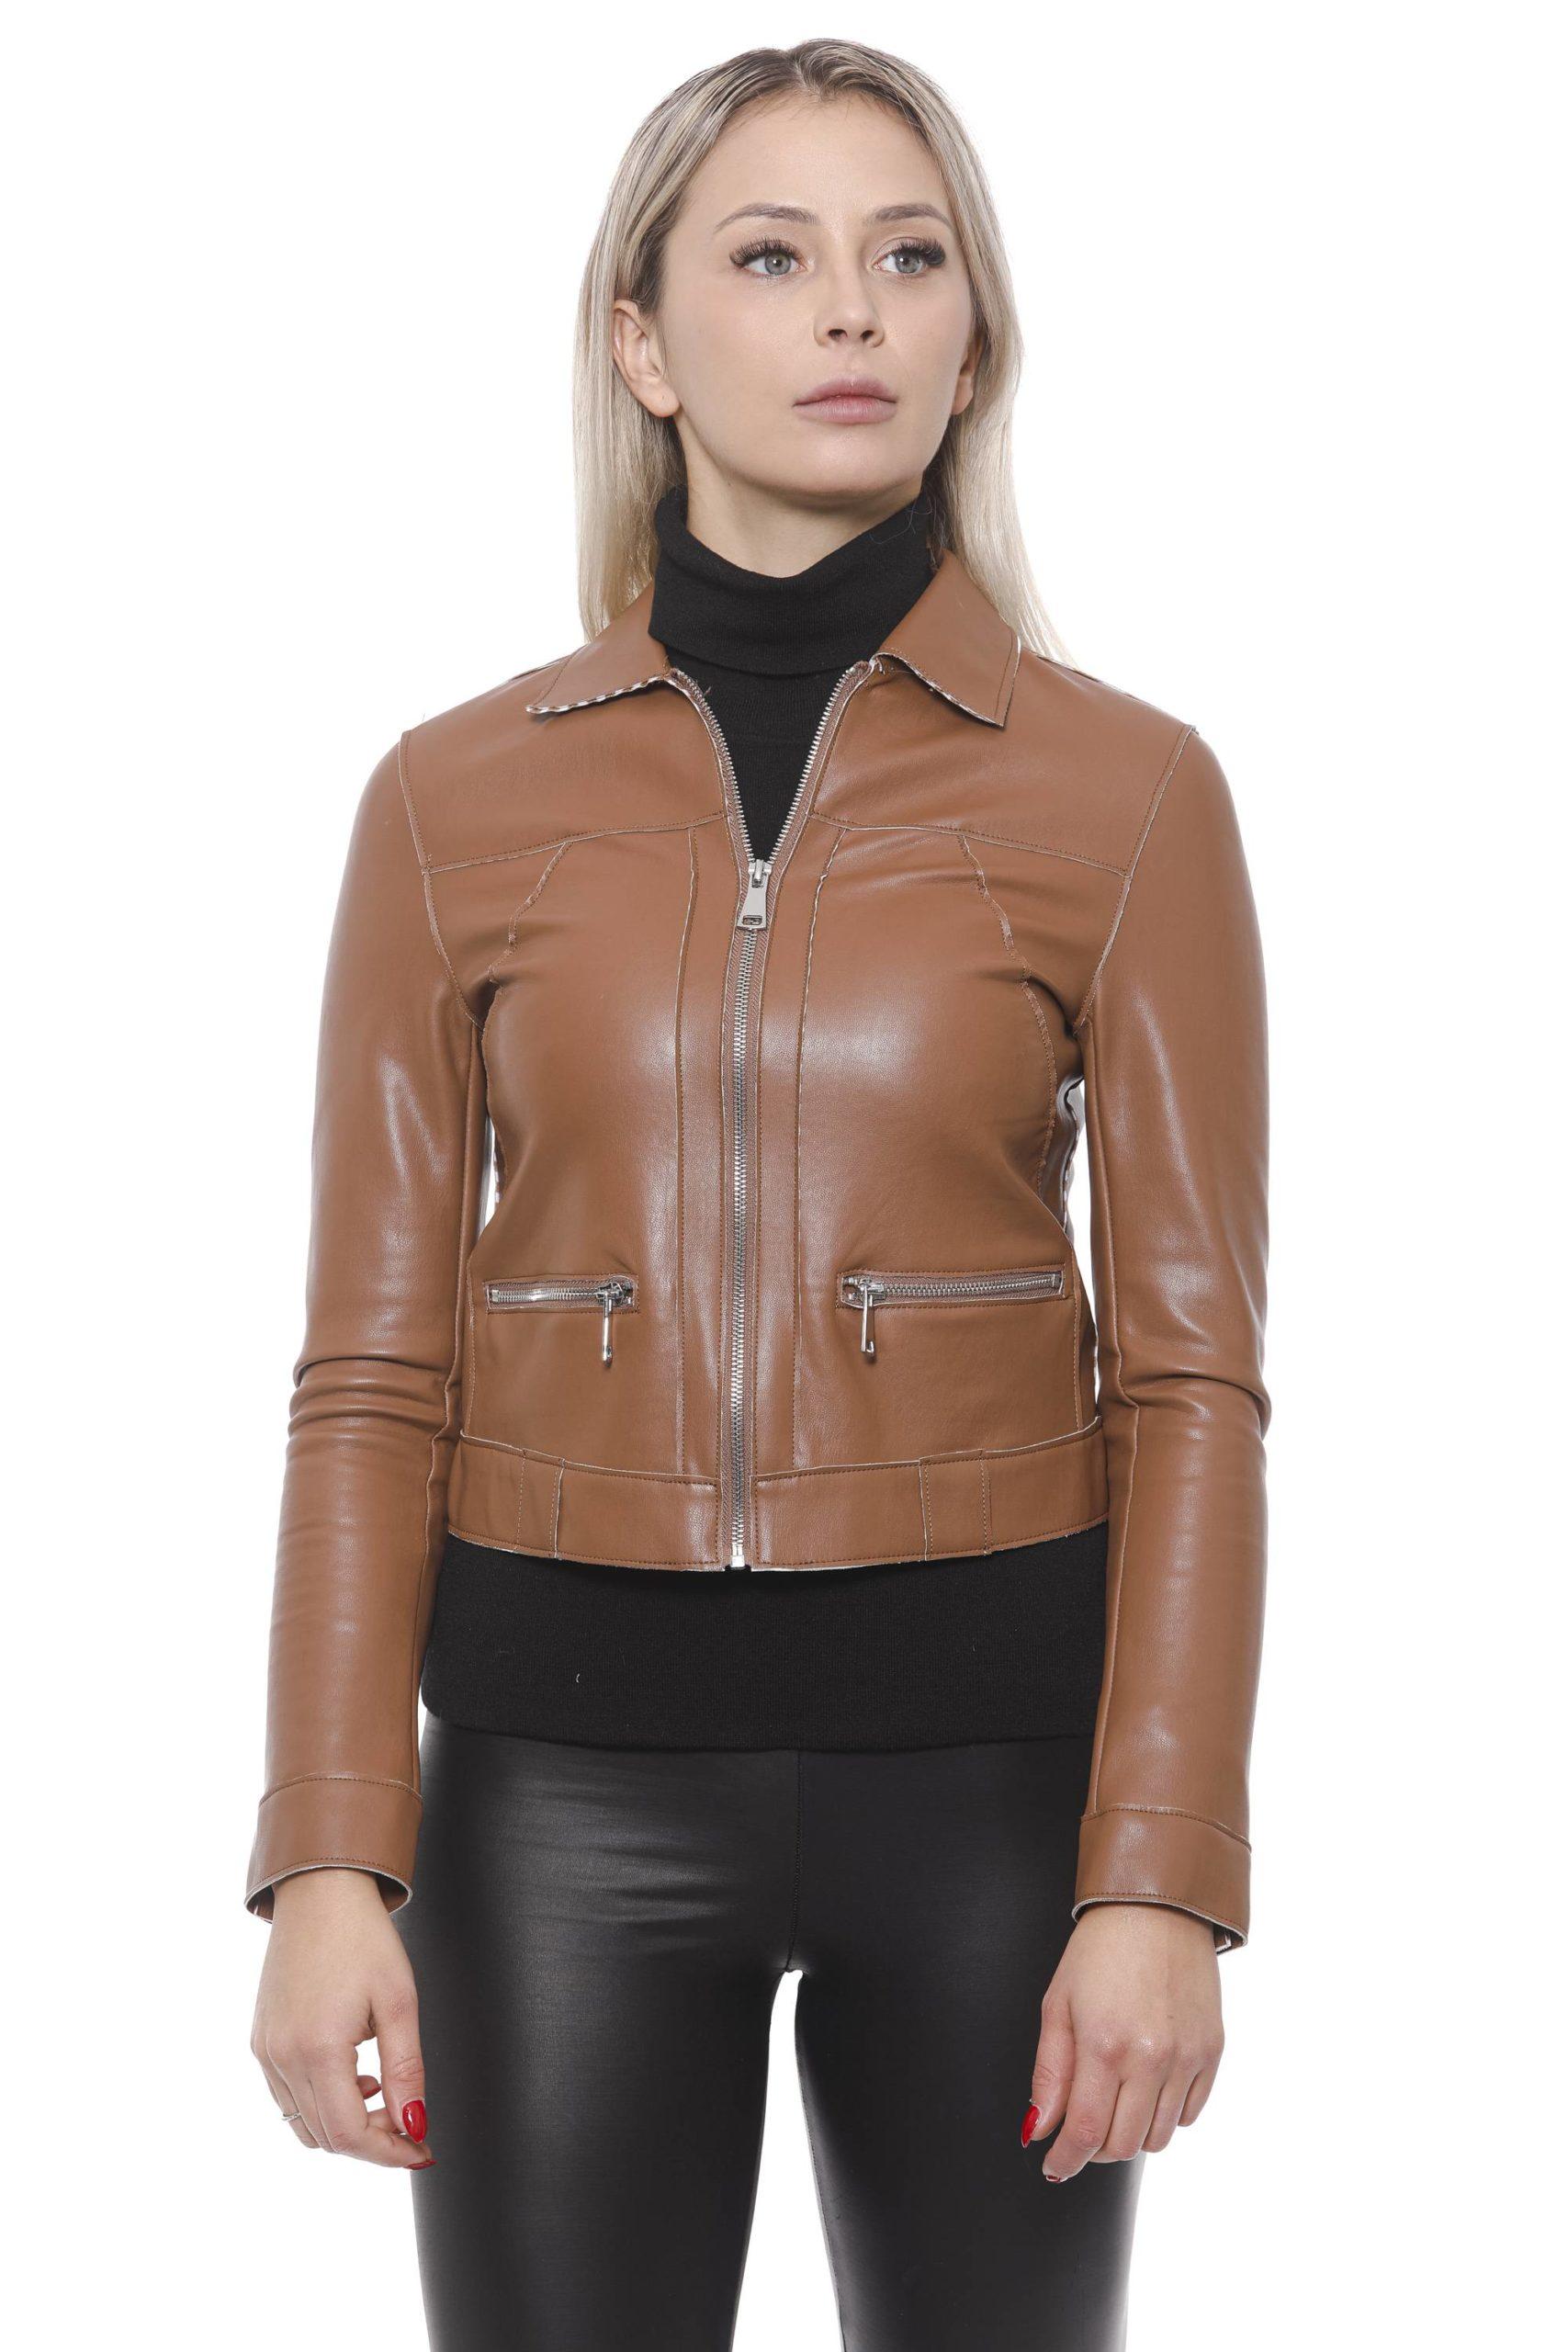 19V69 Italia Women's Marrone Jacket 191388462 - IT42 | S